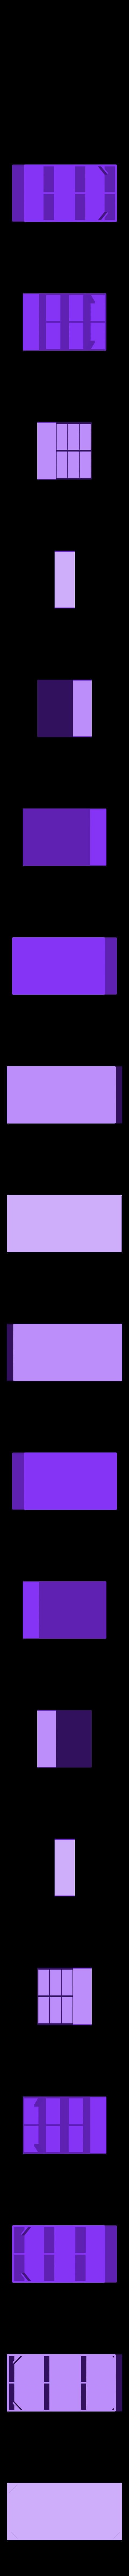 OrgBoxB18.stl Télécharger fichier STL gratuit Organisateur d'ustensiles cosmétiques • Design à imprimer en 3D, Duskwin